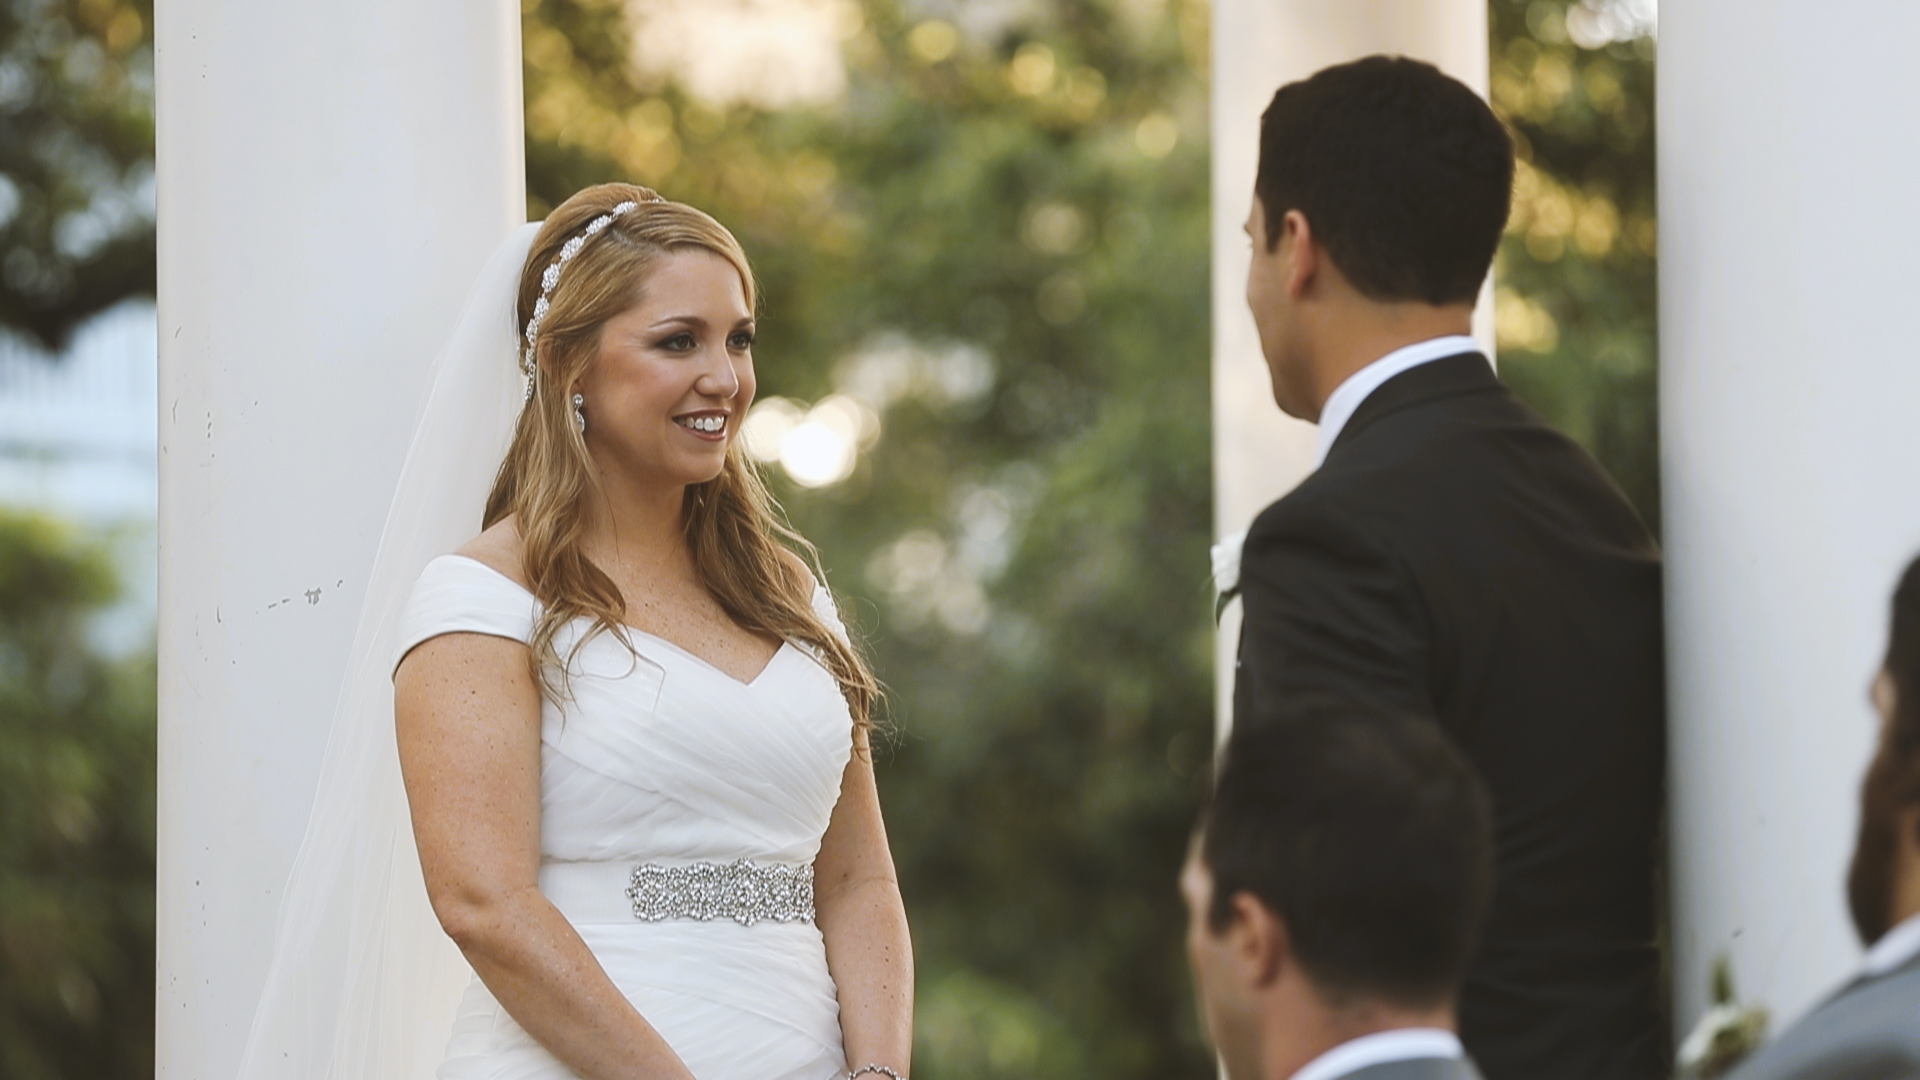 Elms Mansion Wedding Vows - Bride Film